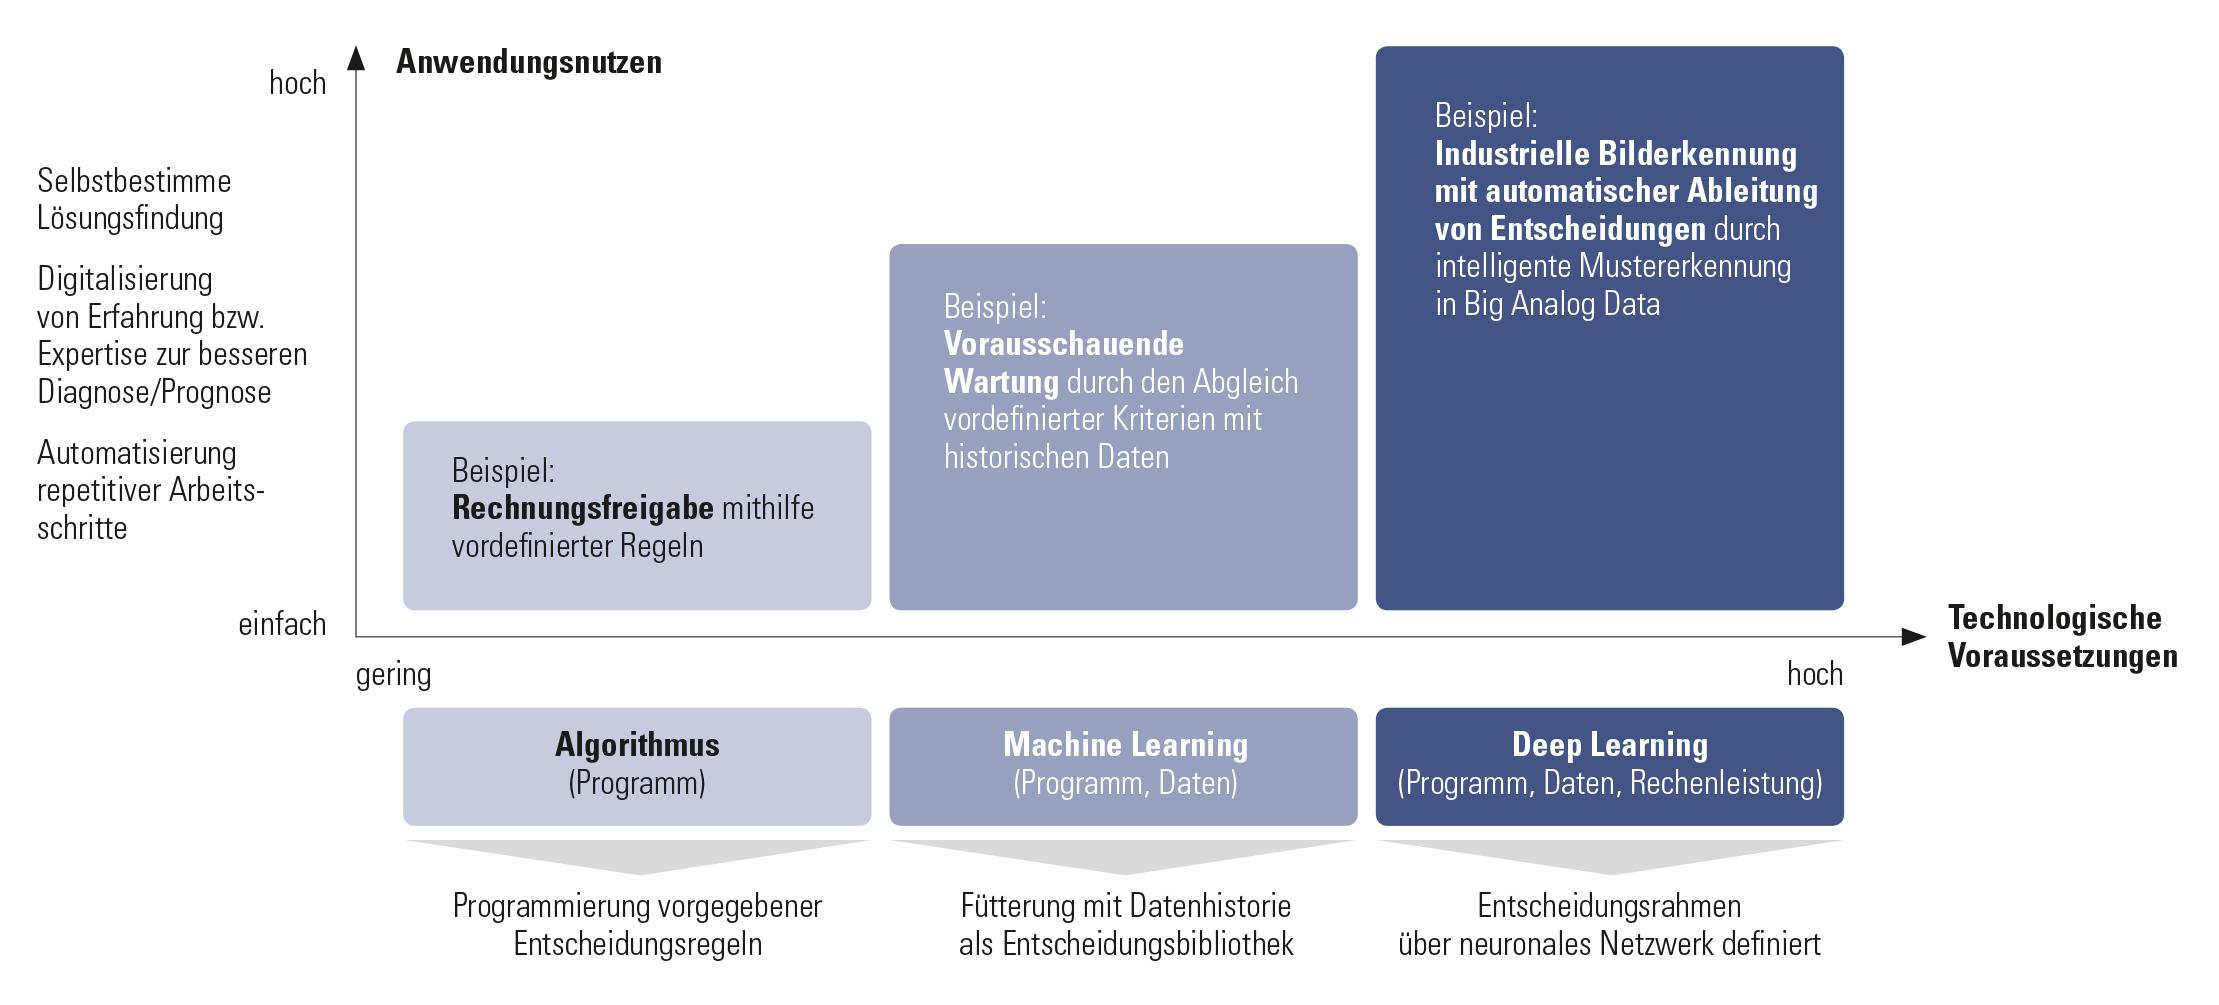 Einsatzfelder und Anwendungsnutzen von KI in Unternehmen (Bild: Dr. Wieselhuber & Partner GmbH)